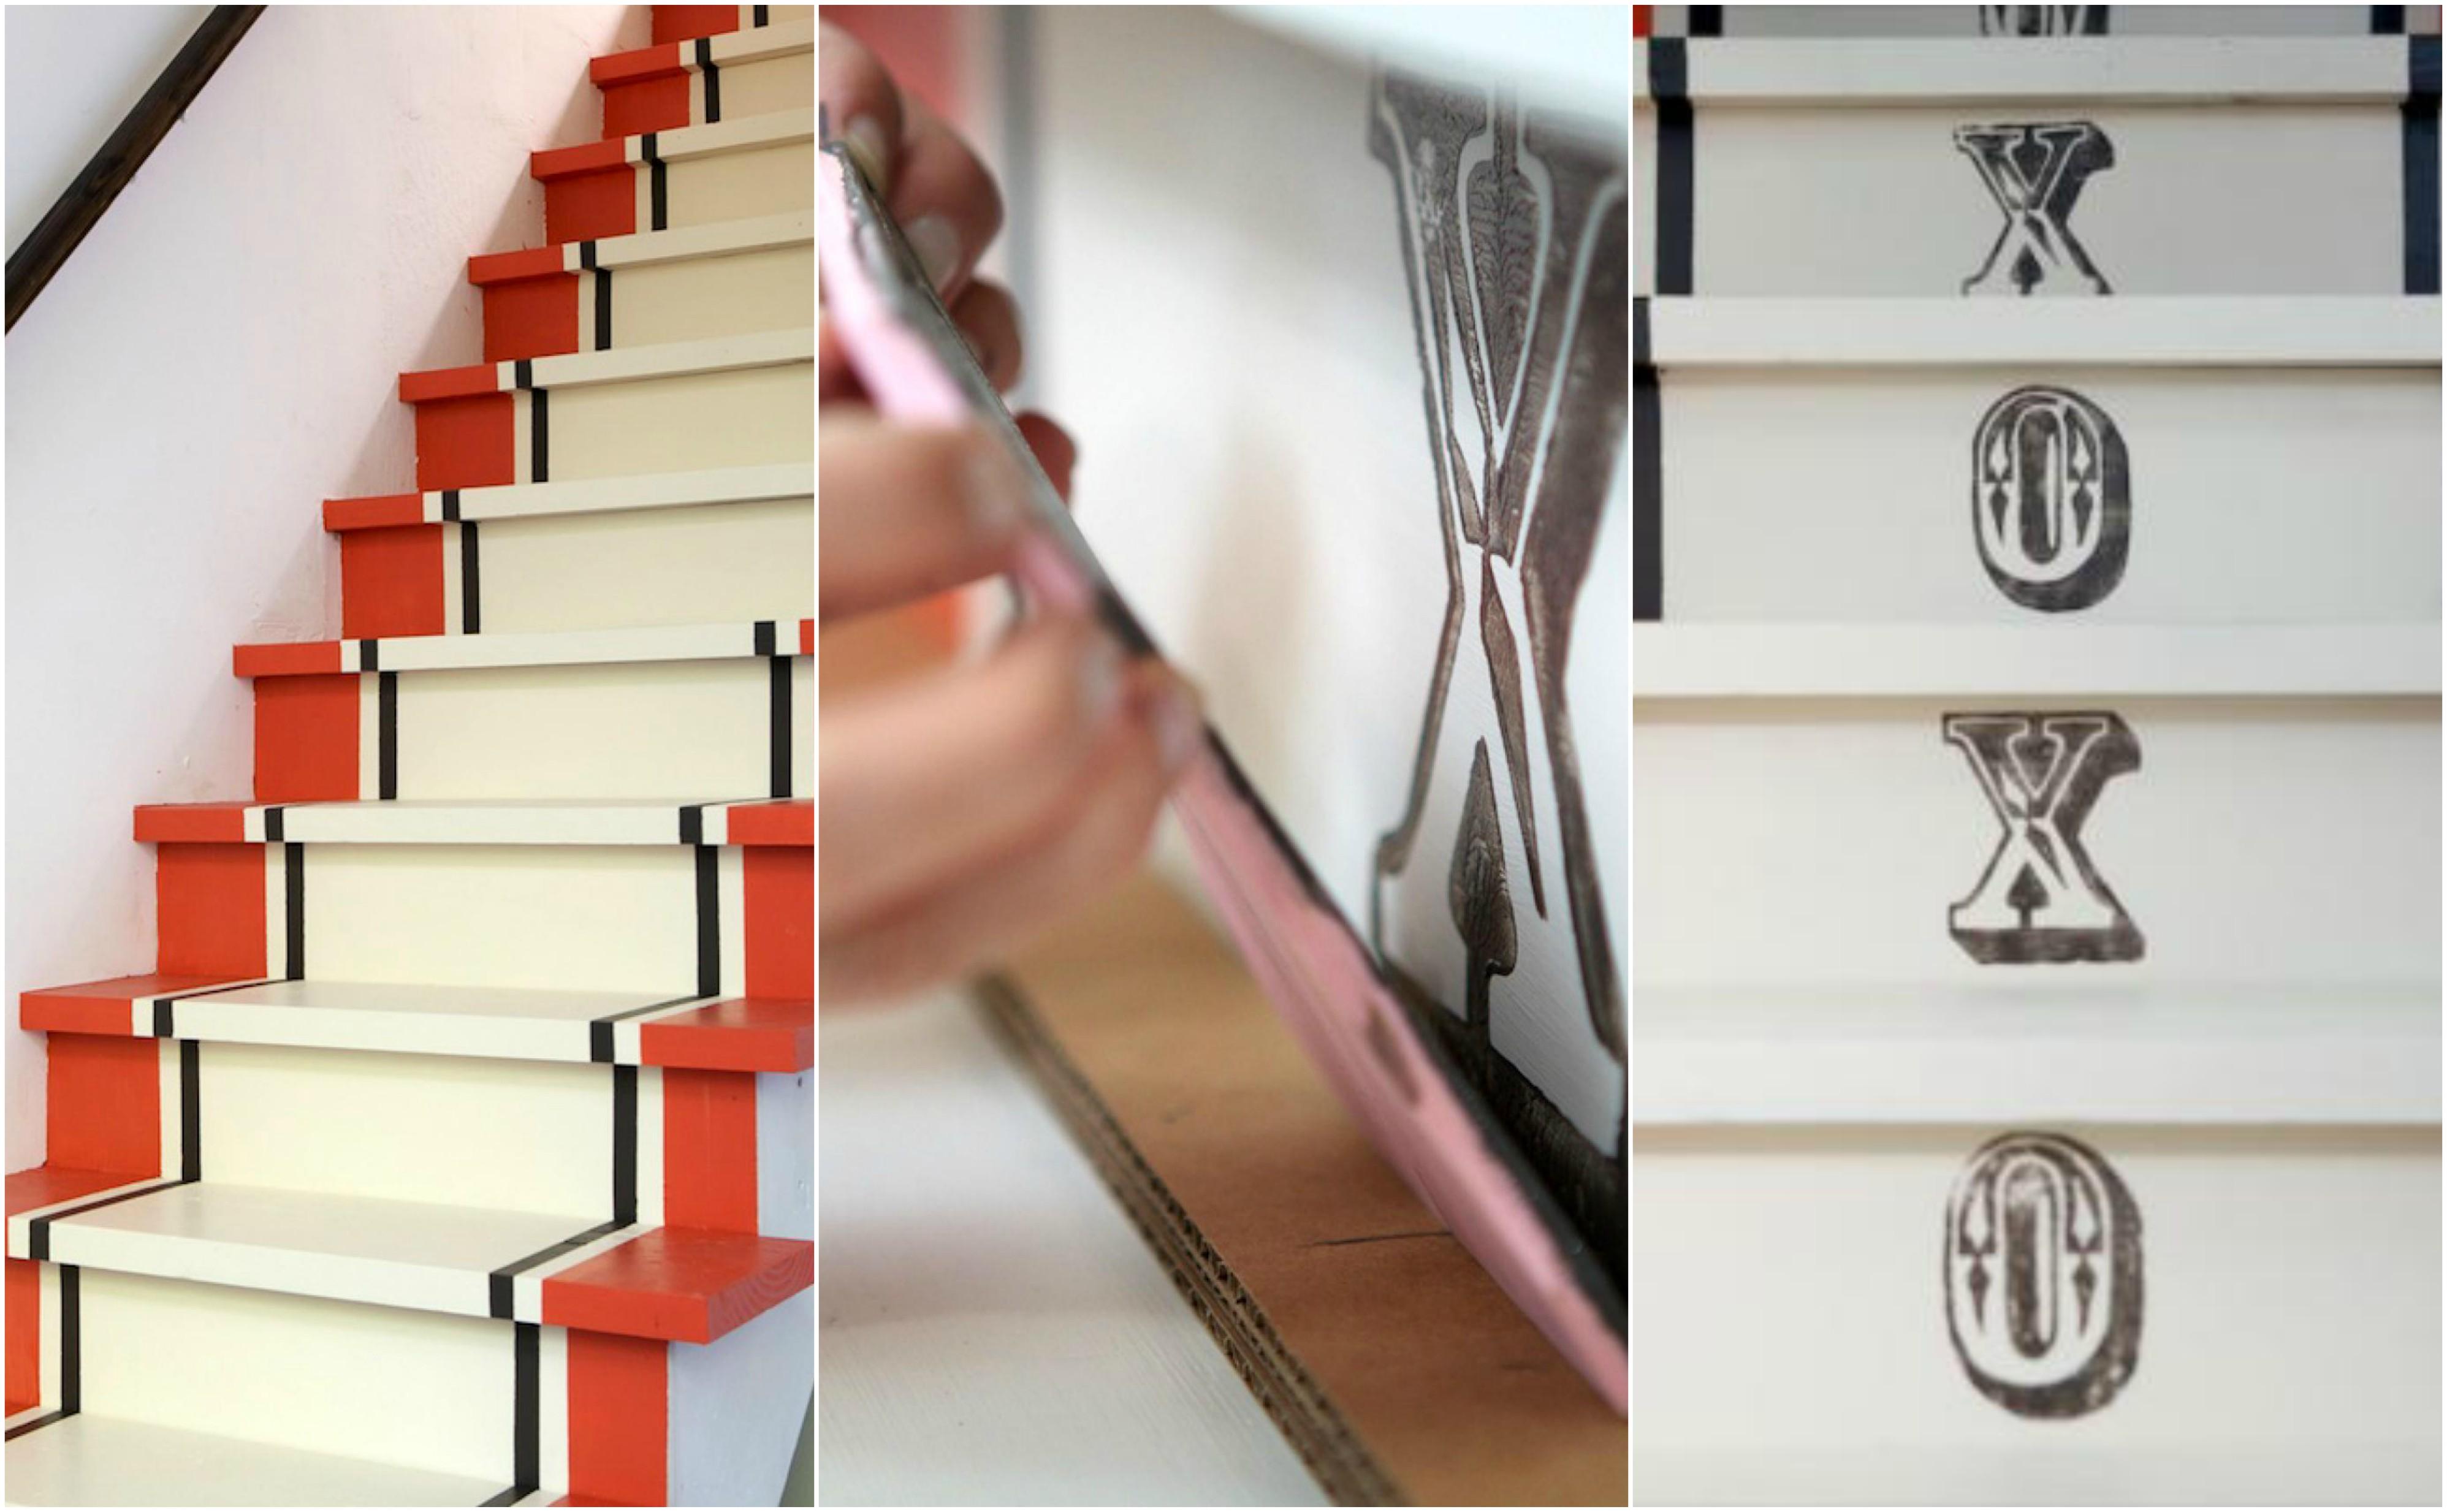 comment créer un motif rayures sur un escalier repeint et stampe en lettes noires sur les contremarches, déco montée d escalier simple